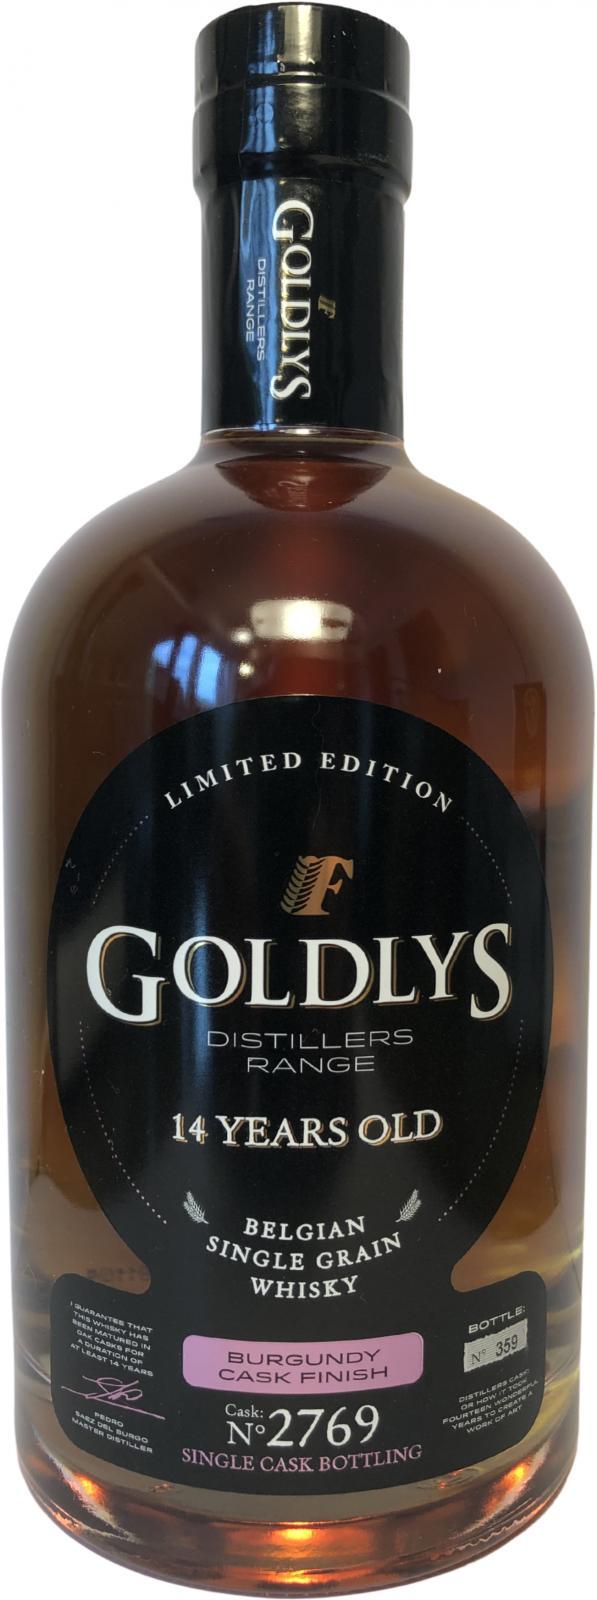 Goldlys 14-year-old